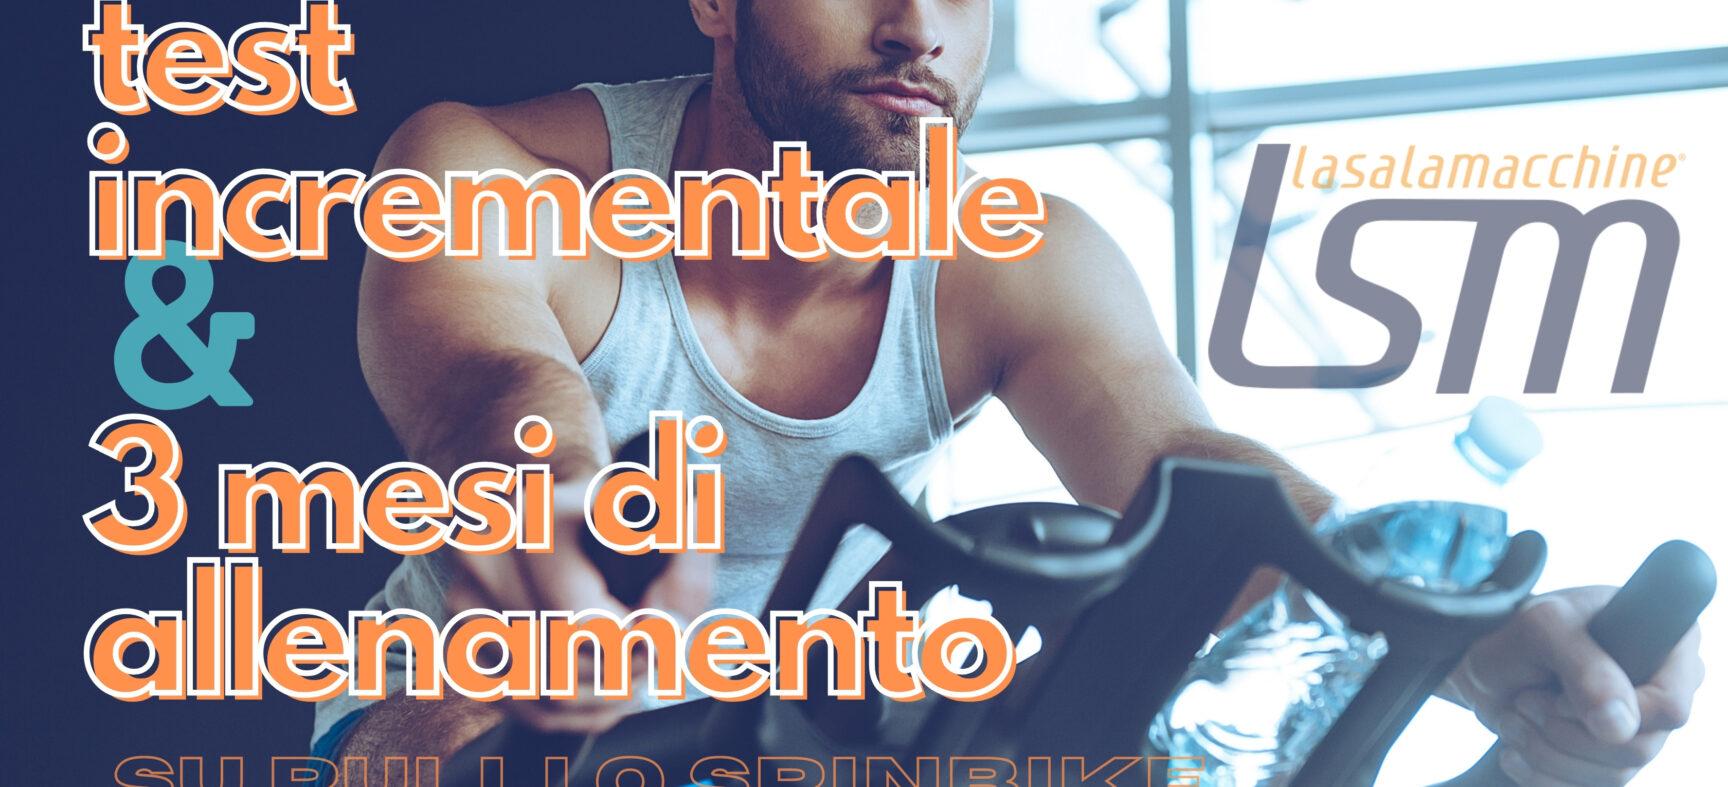 Programma di 3 mesi di allenamento a casa con rulli o spinbike